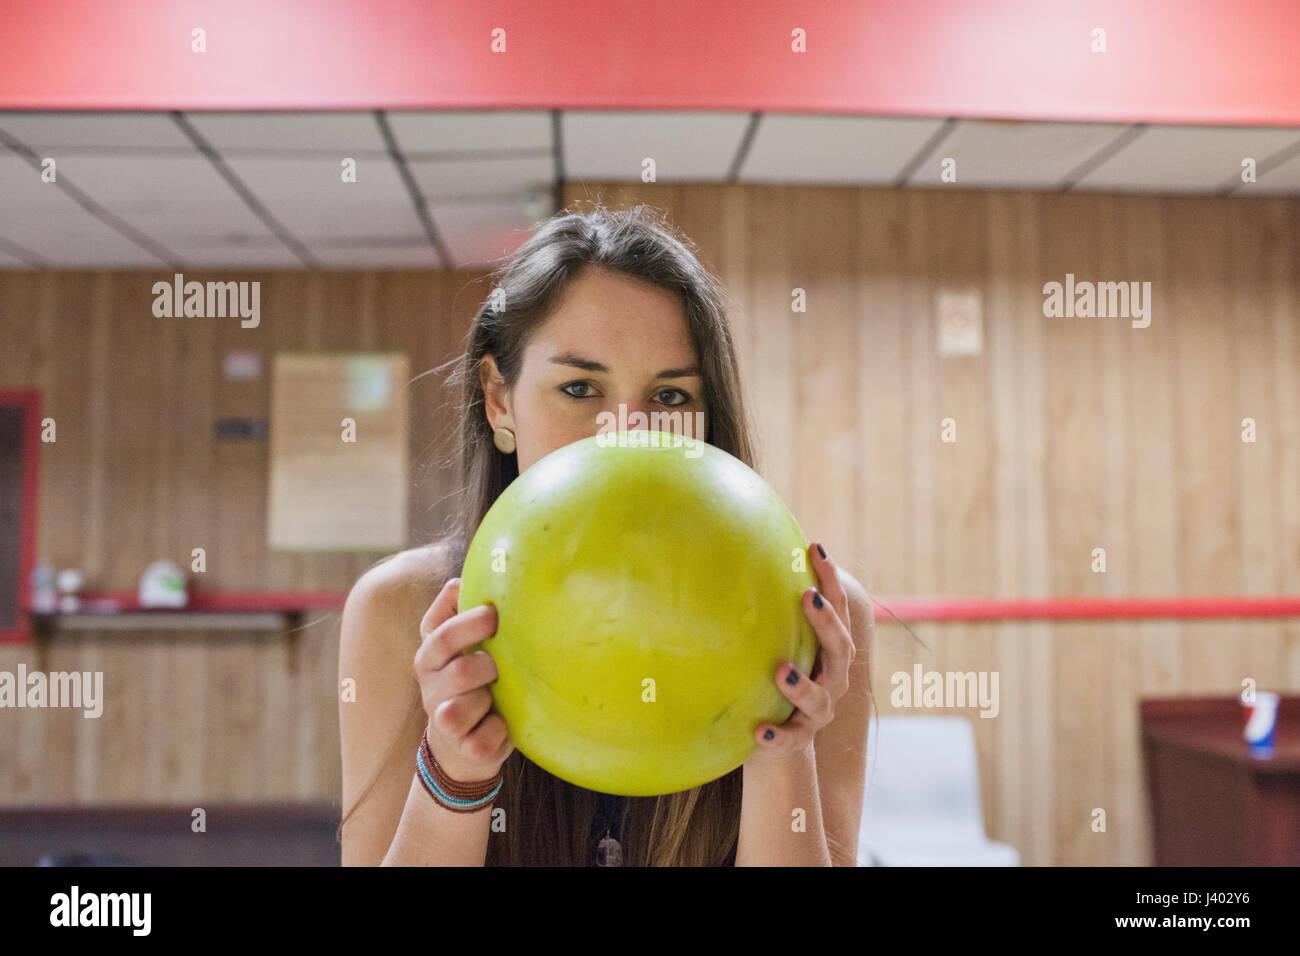 Une jeune femme avec une boule jaune. Photo Stock